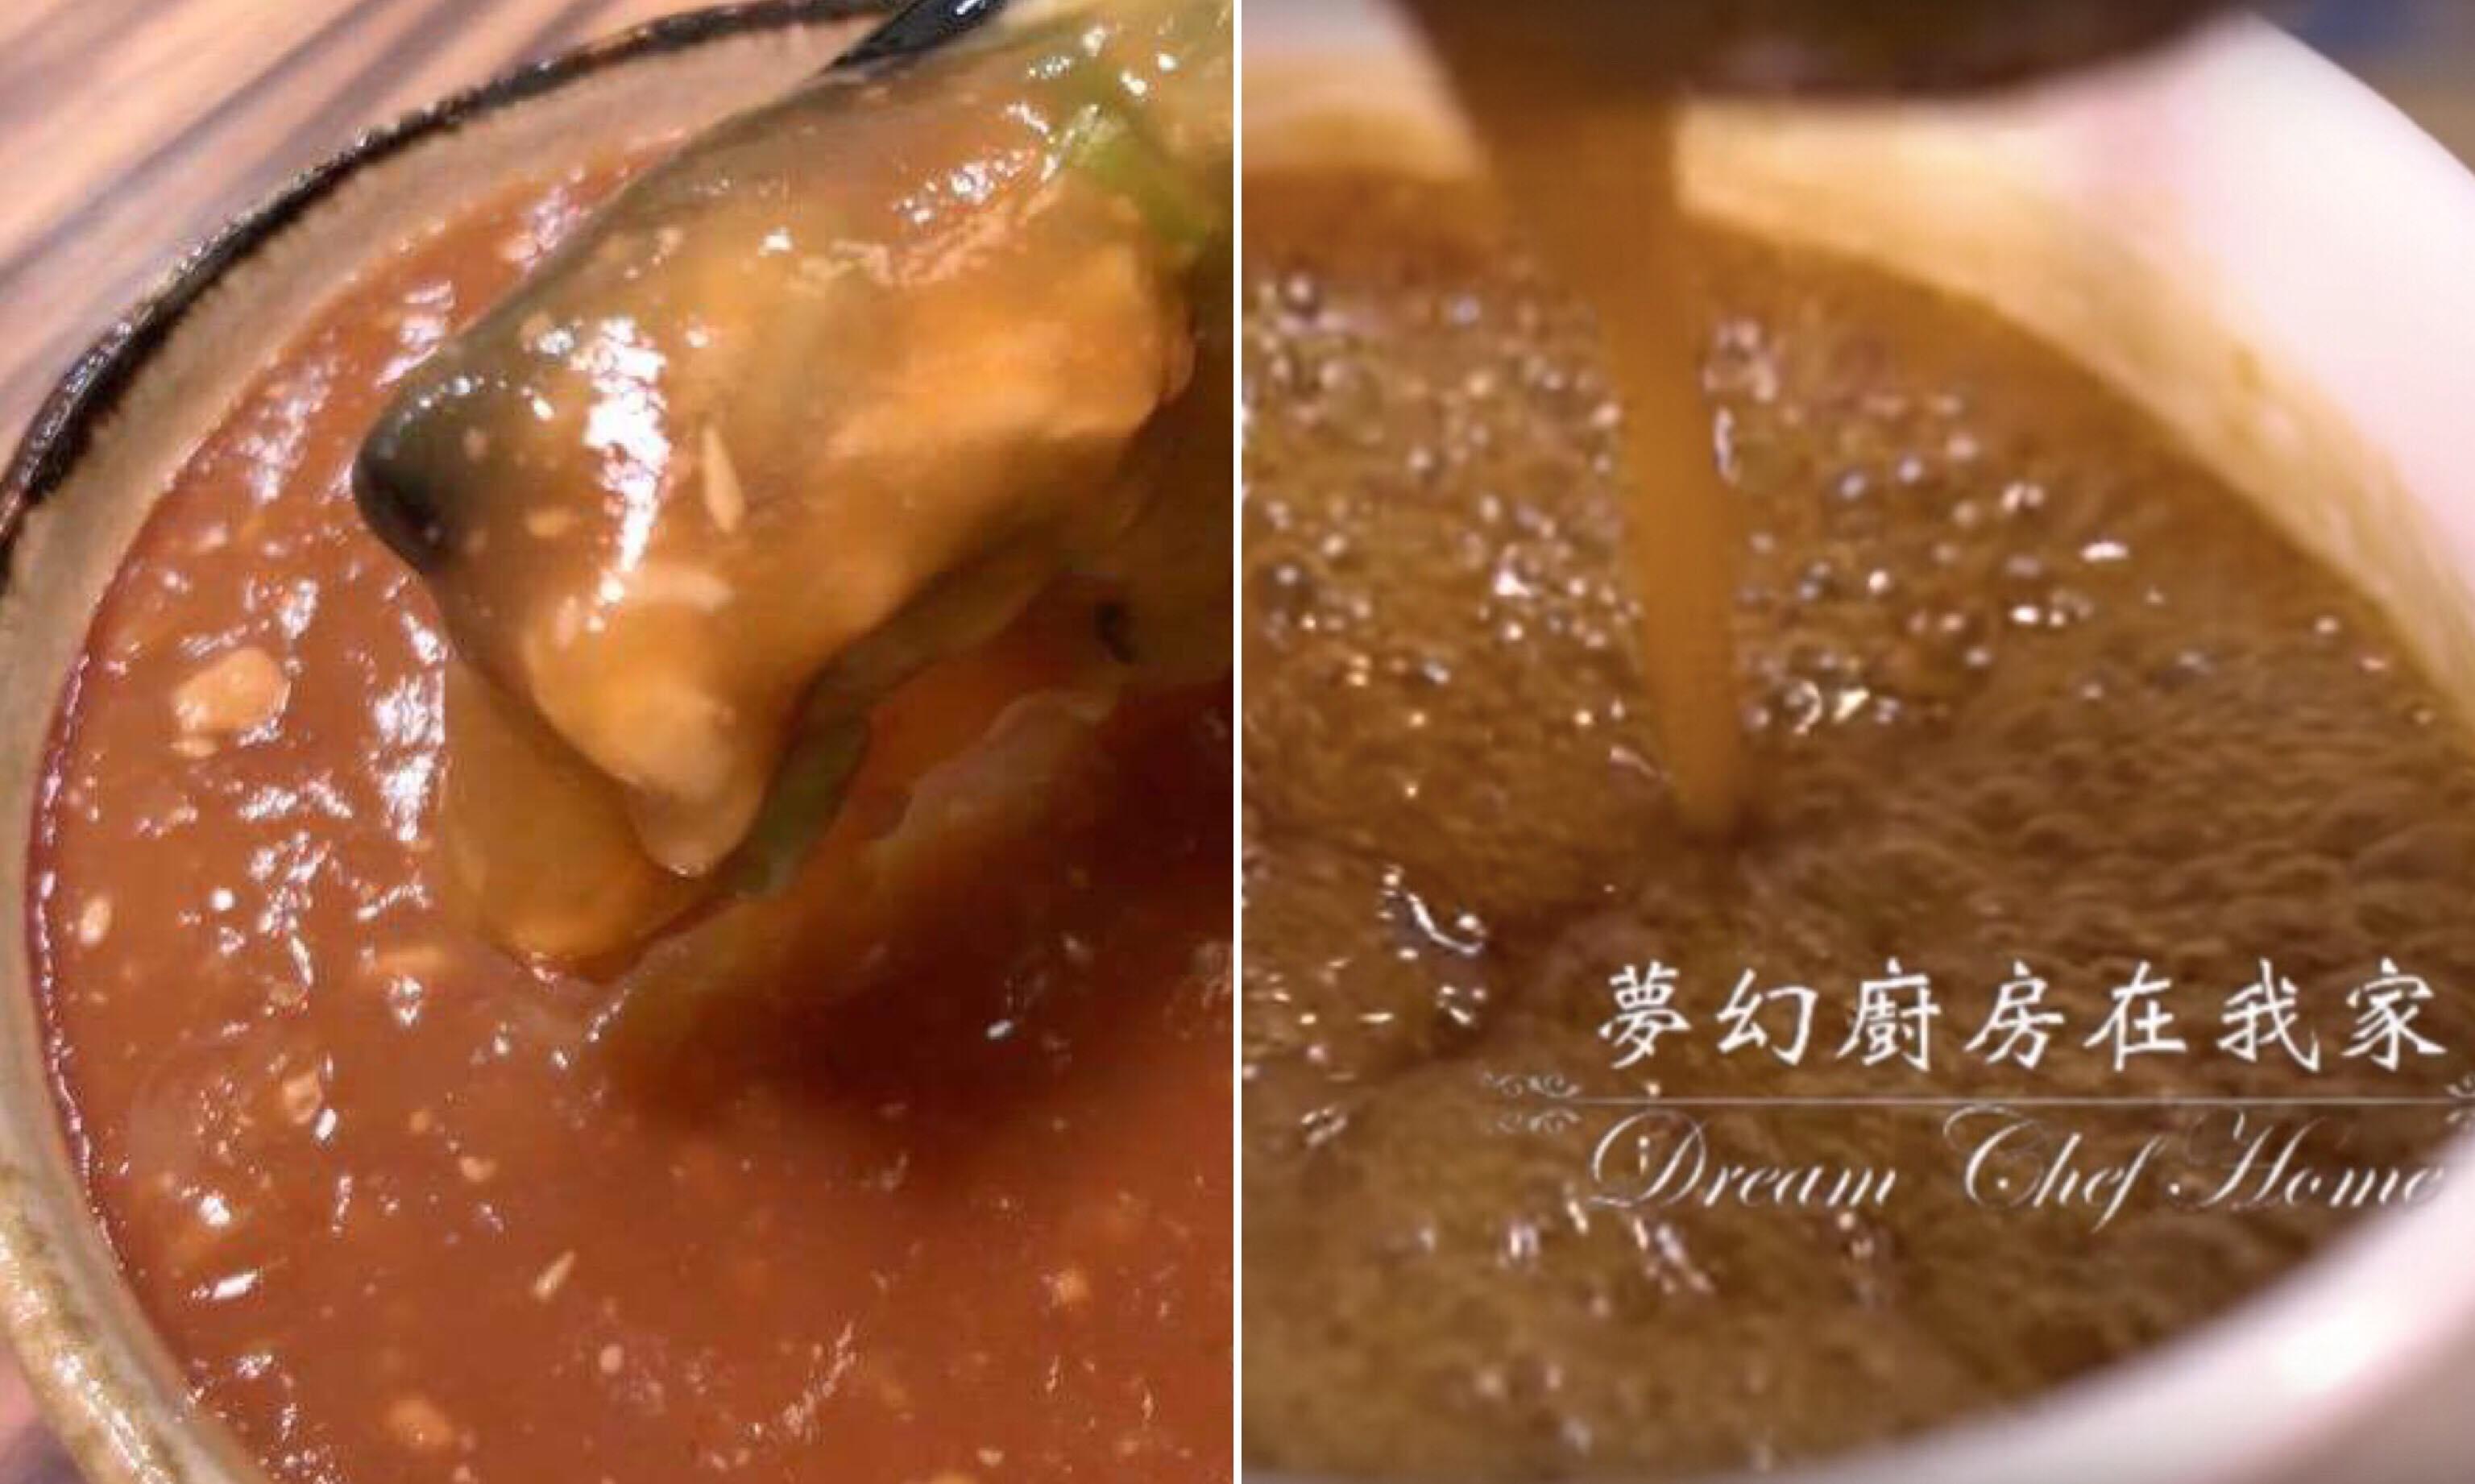 超簡單 2 種「萬用醬料」做法,學起來沾水餃、甜不辣、蚵仔煎都能用!